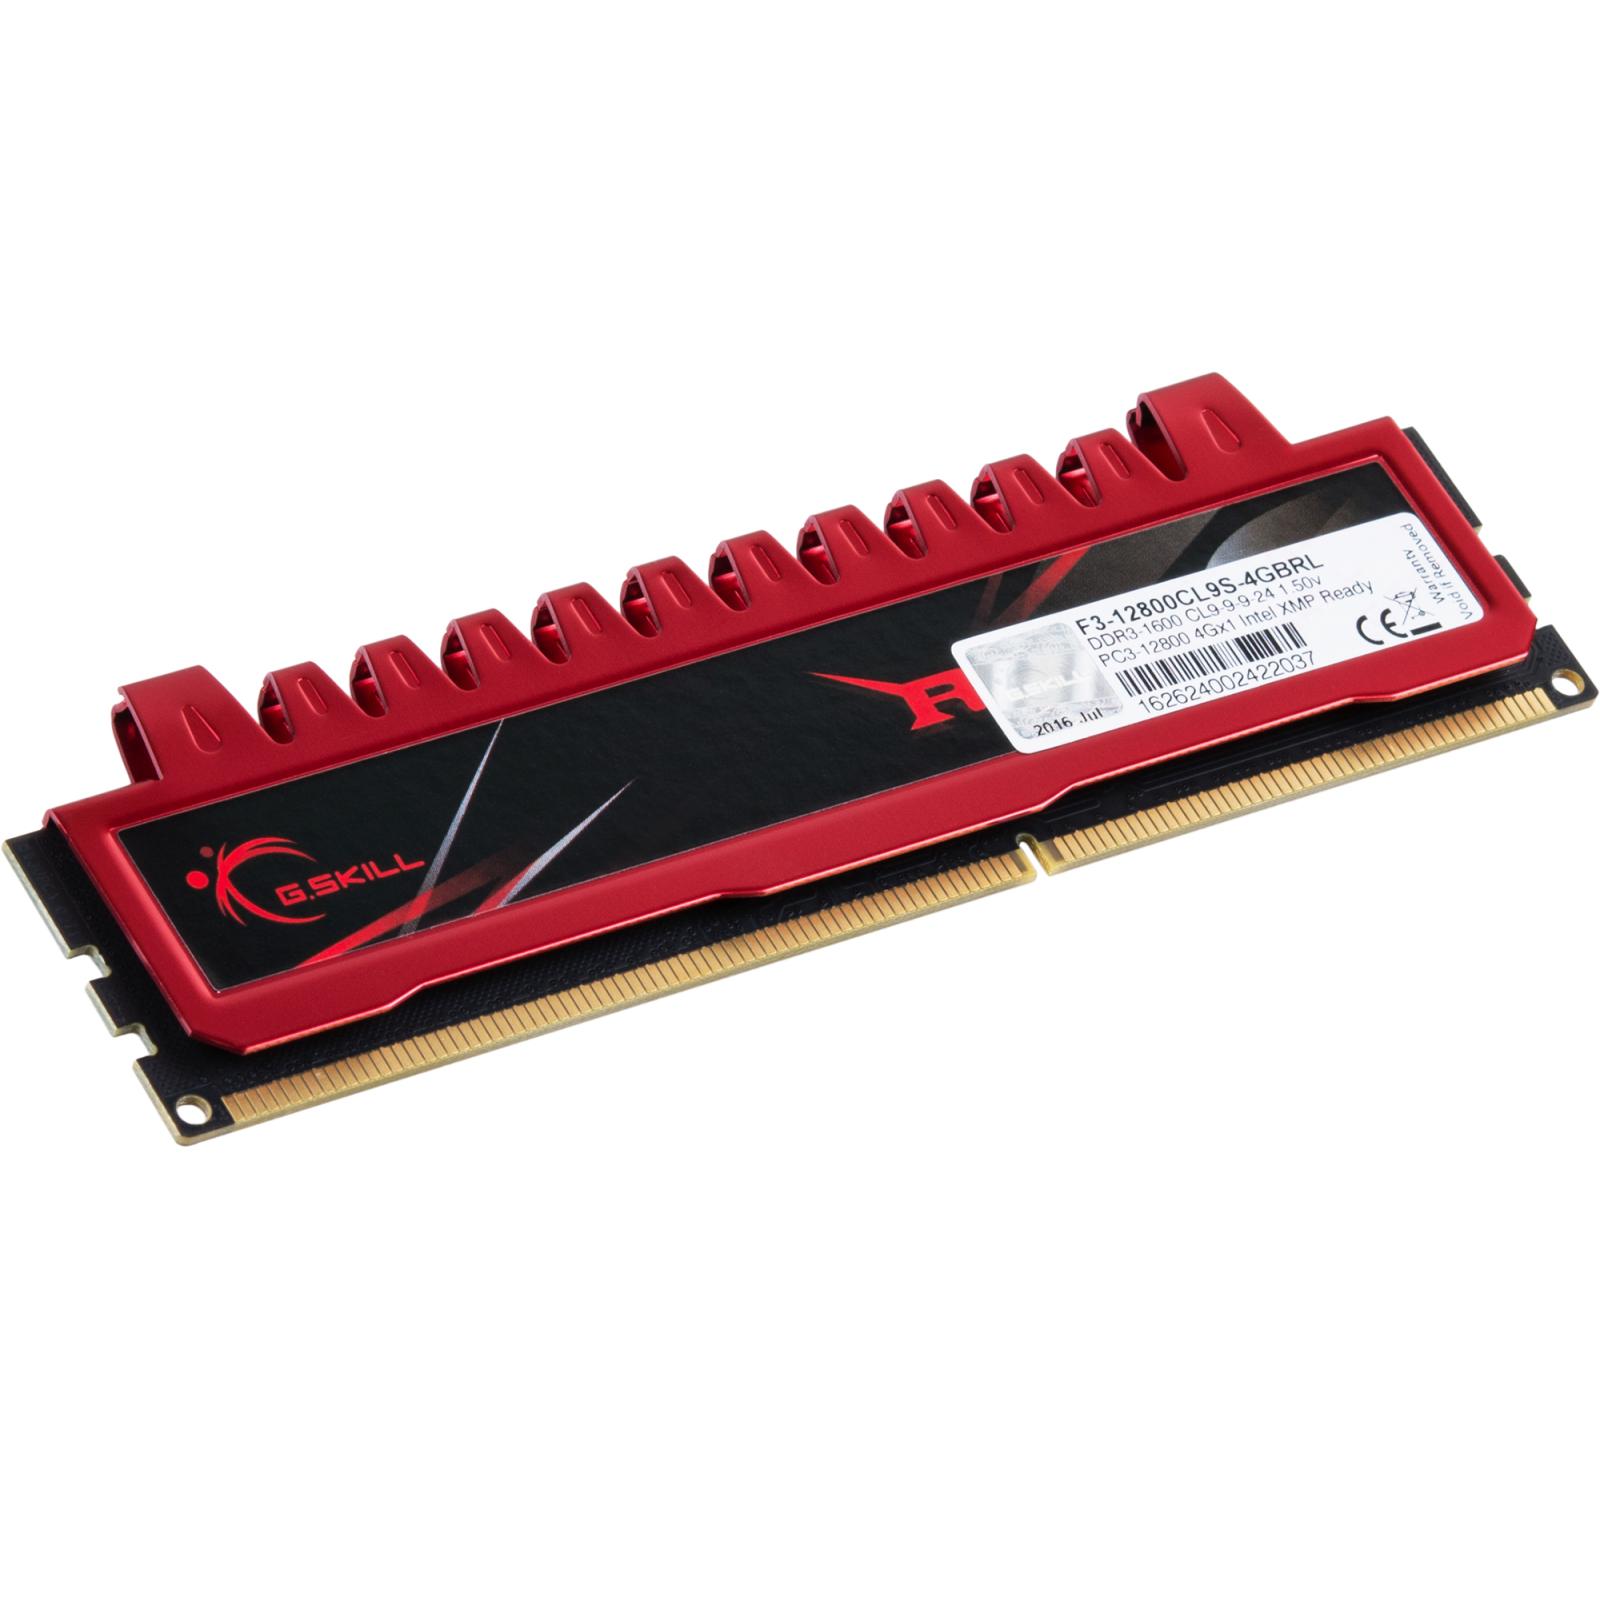 Модуль памяти для компьютера DDR3 4GB 1600 MHz G.Skill (F3-12800CL9S-4GBRL) изображение 2